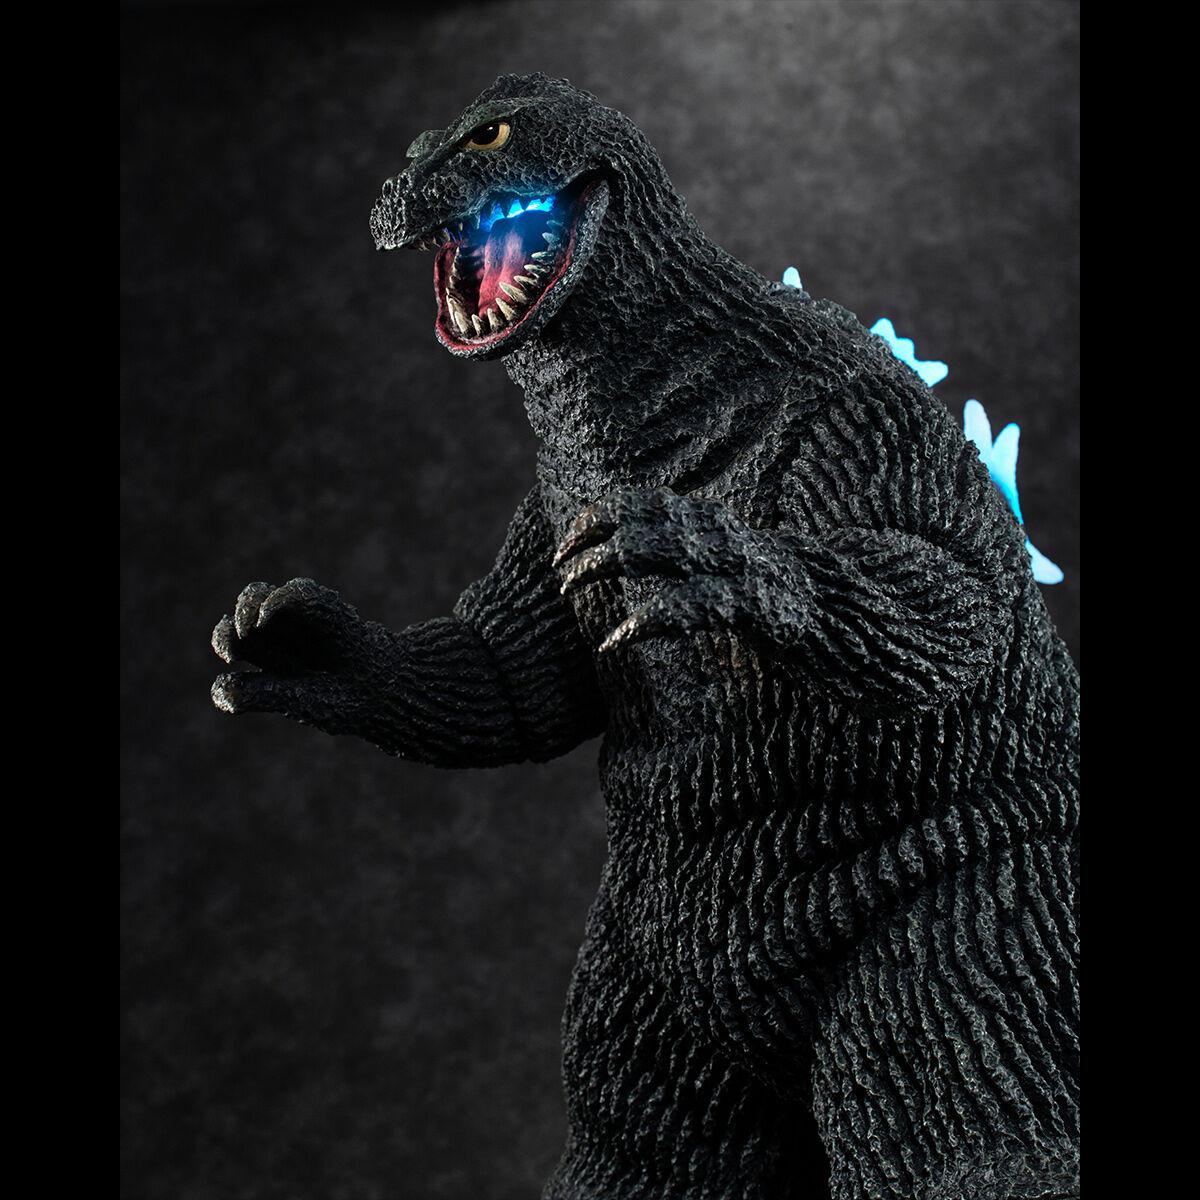 UA Monsters Godzilla (1962)